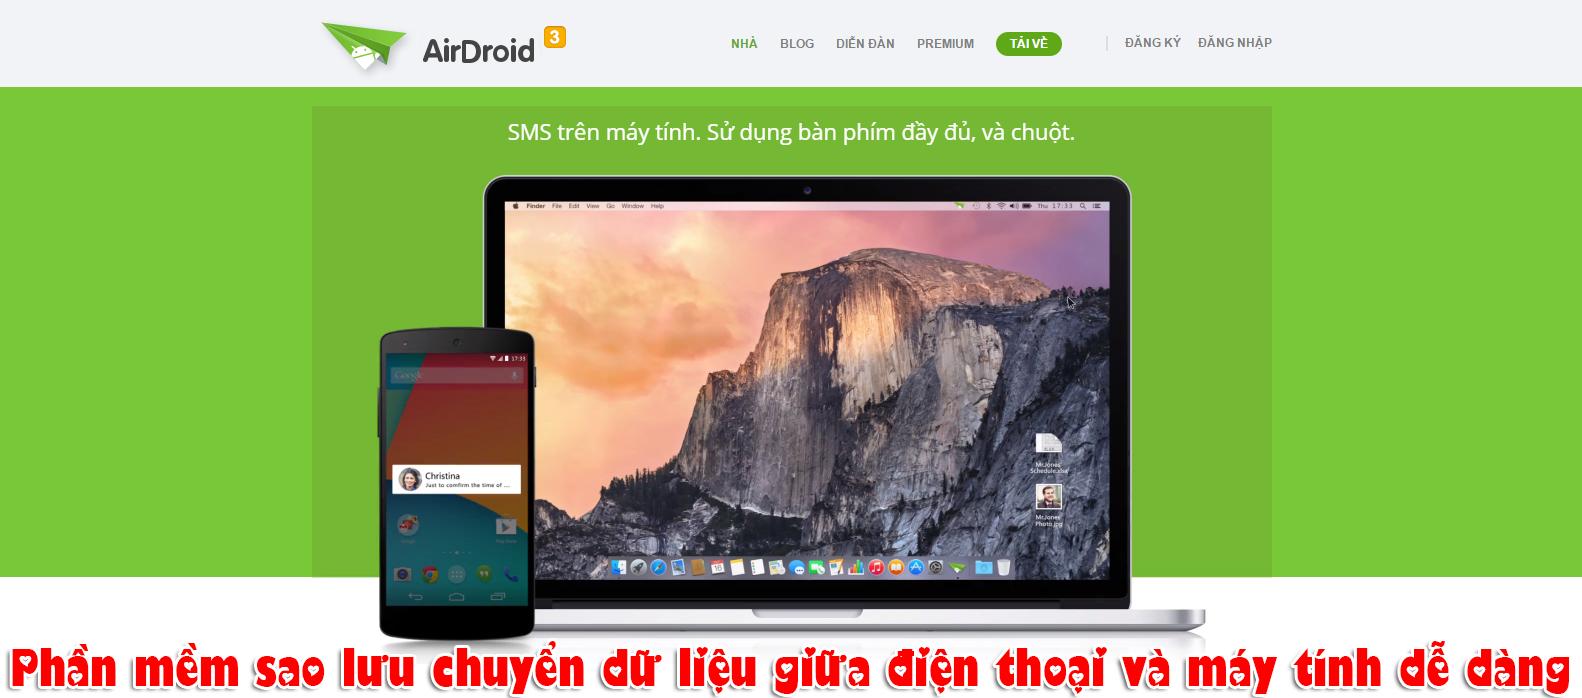 AirDroid – Phần mềm sao lưu chuyển dữ liệu giữa điện thoại và máy tính dễ dàng